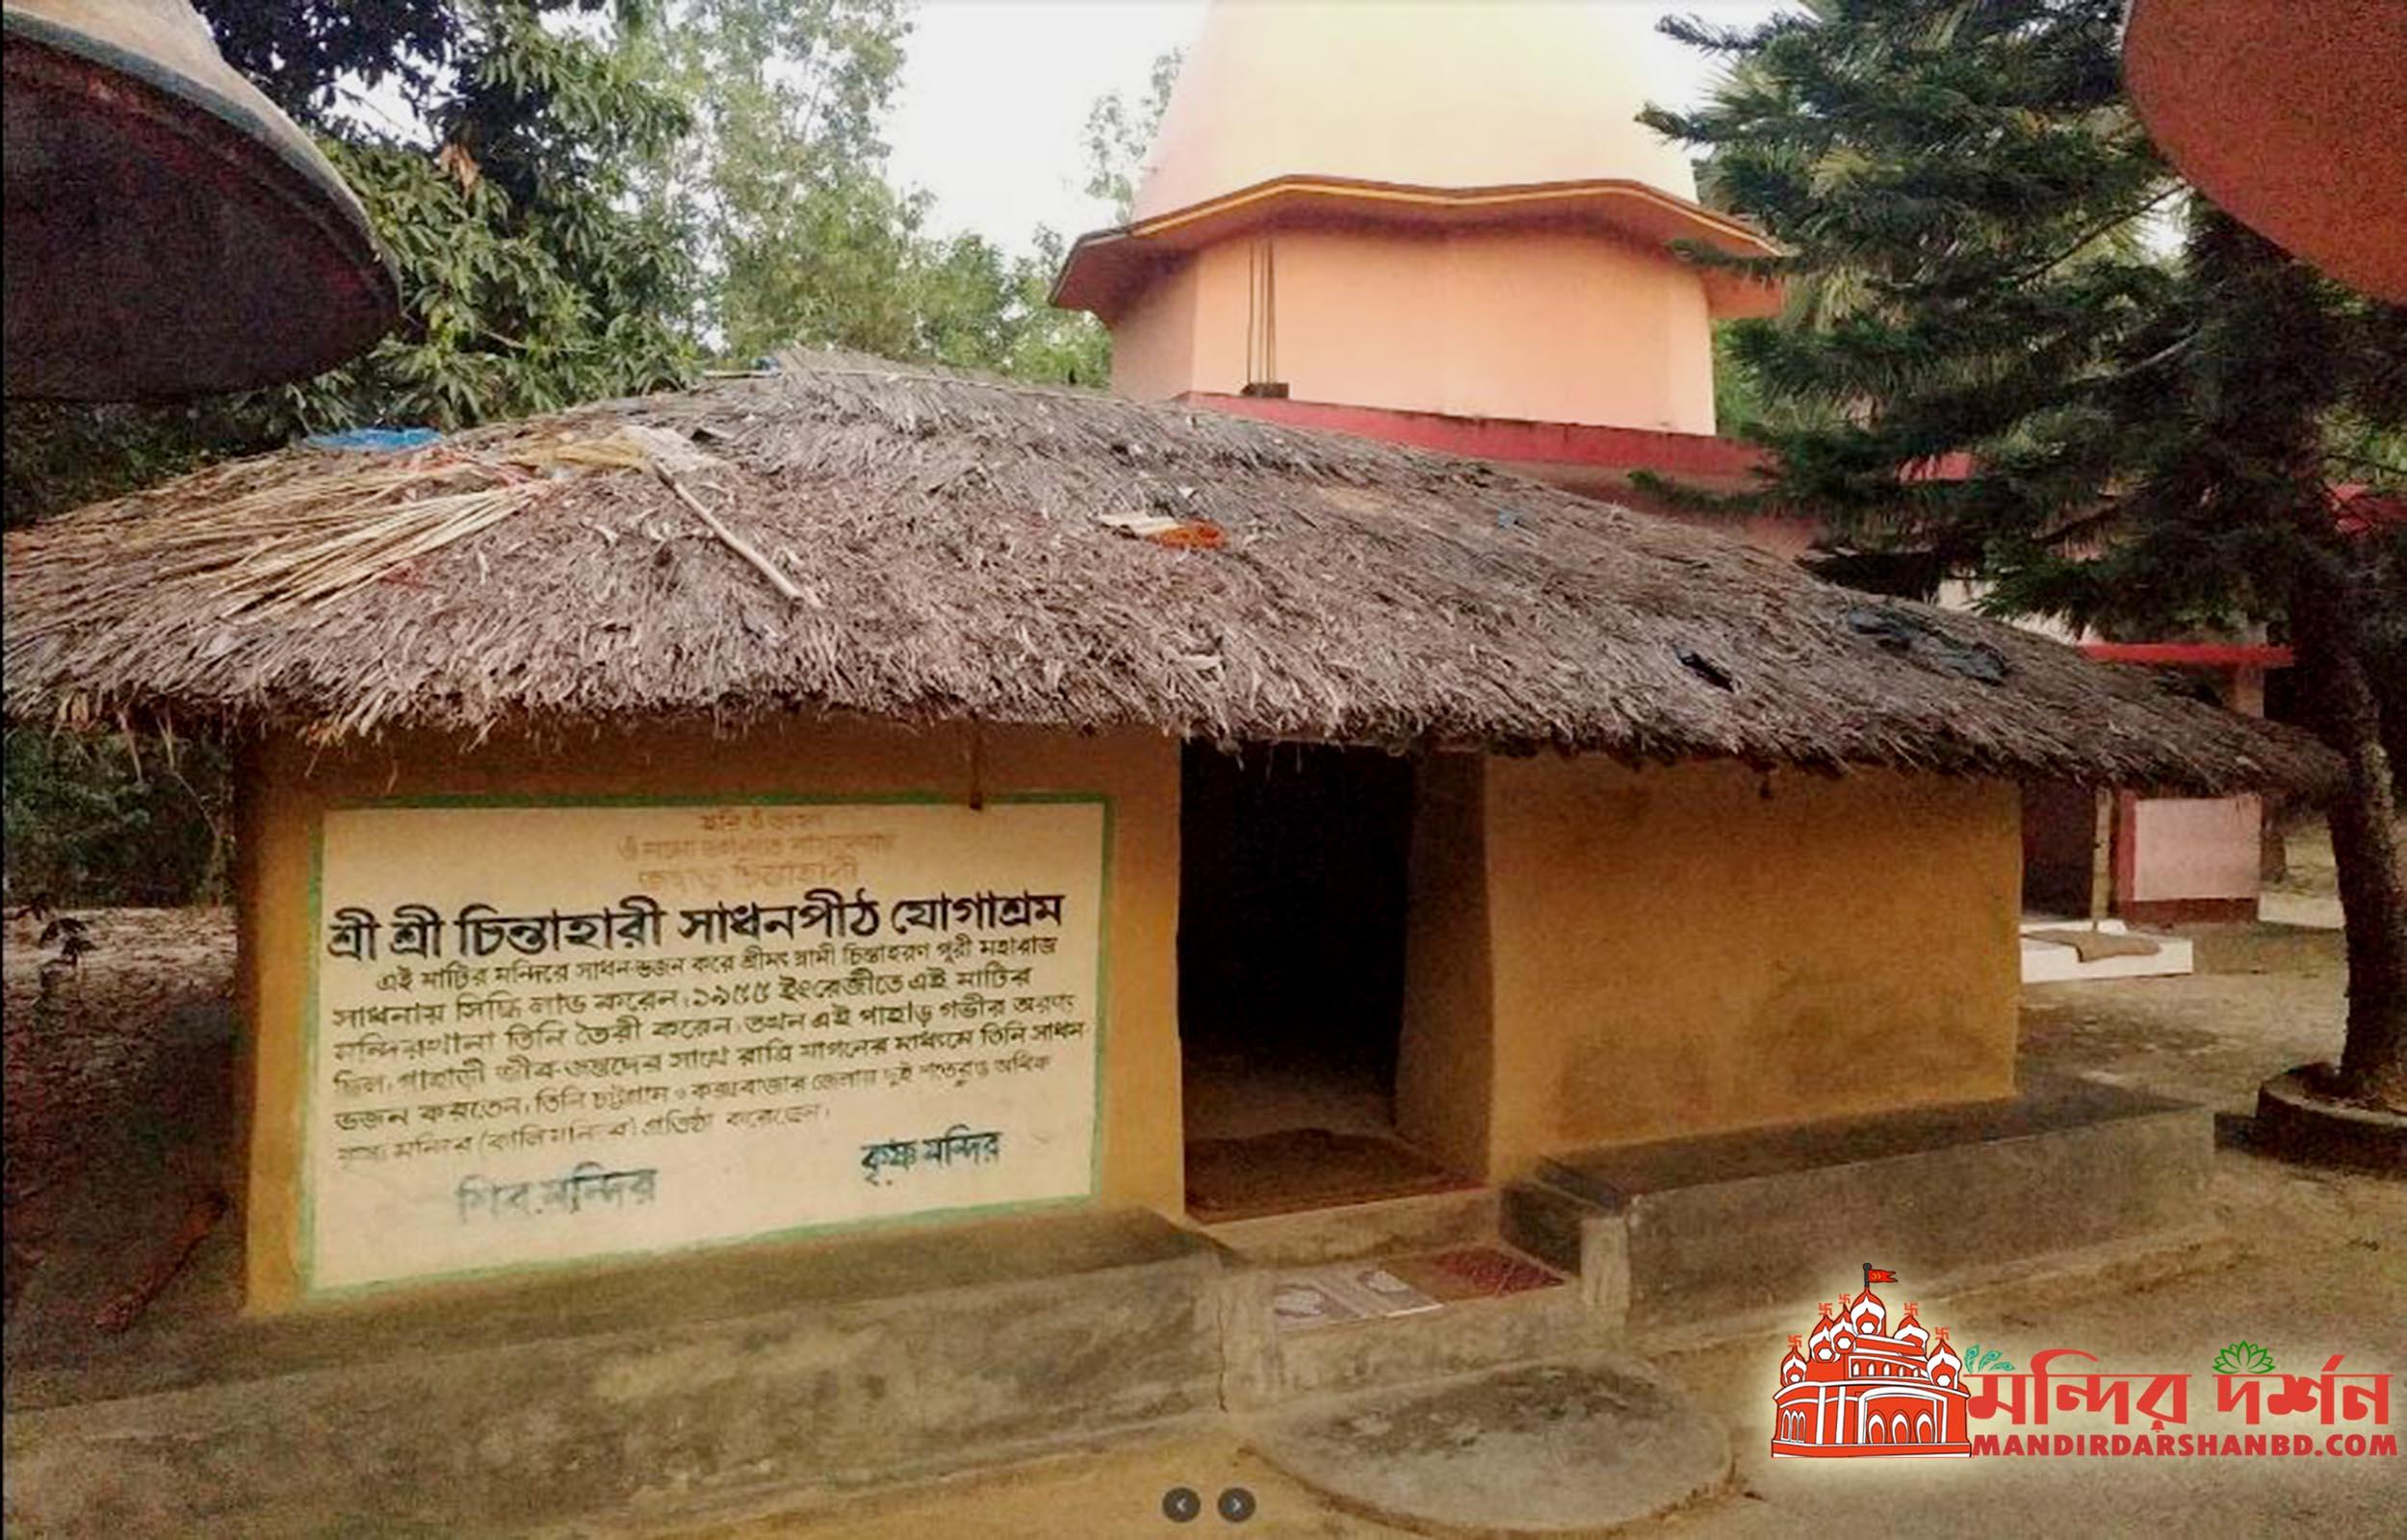 শ্রী শ্রী চিন্তাহারী সাধনপীঠ যোগাশ্রম